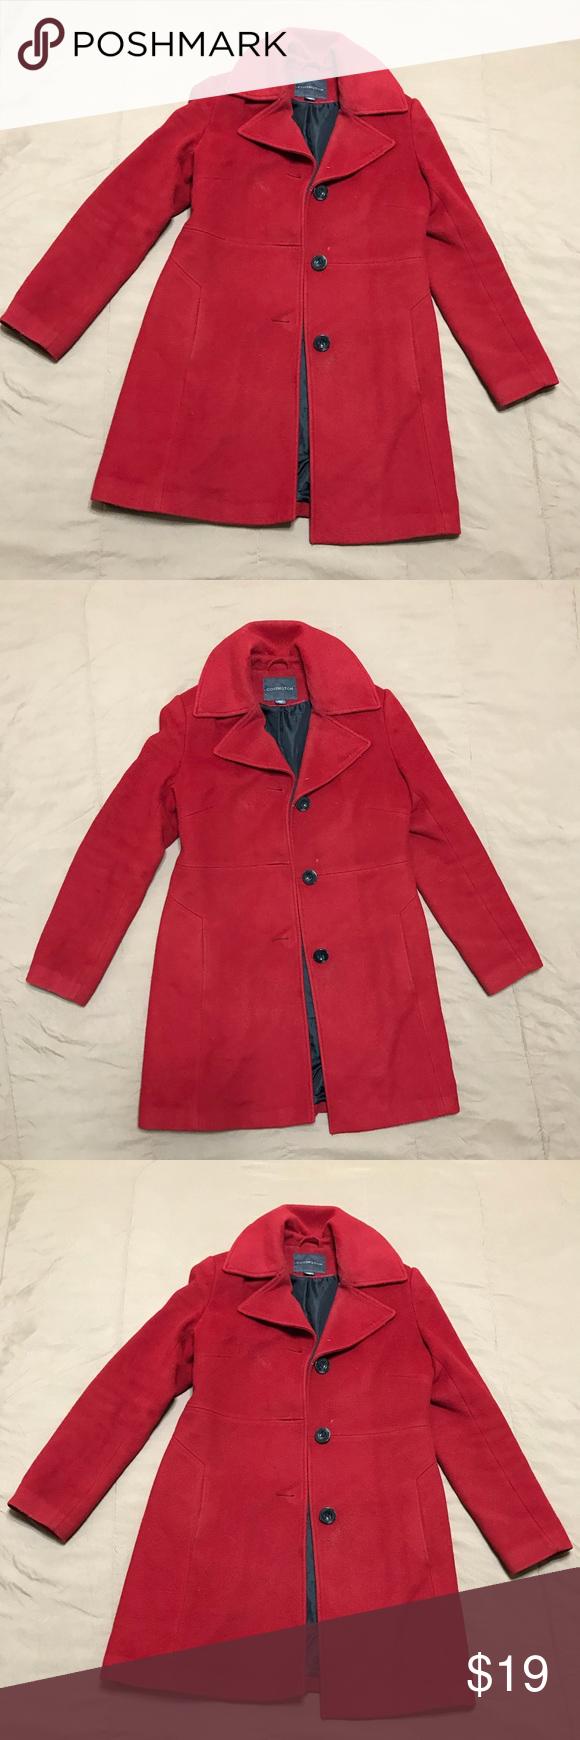 Women S Red Coat Like New Covington Jackets Coats Pea Coats Red Coat Red Leather Jacket Coat [ 1740 x 580 Pixel ]